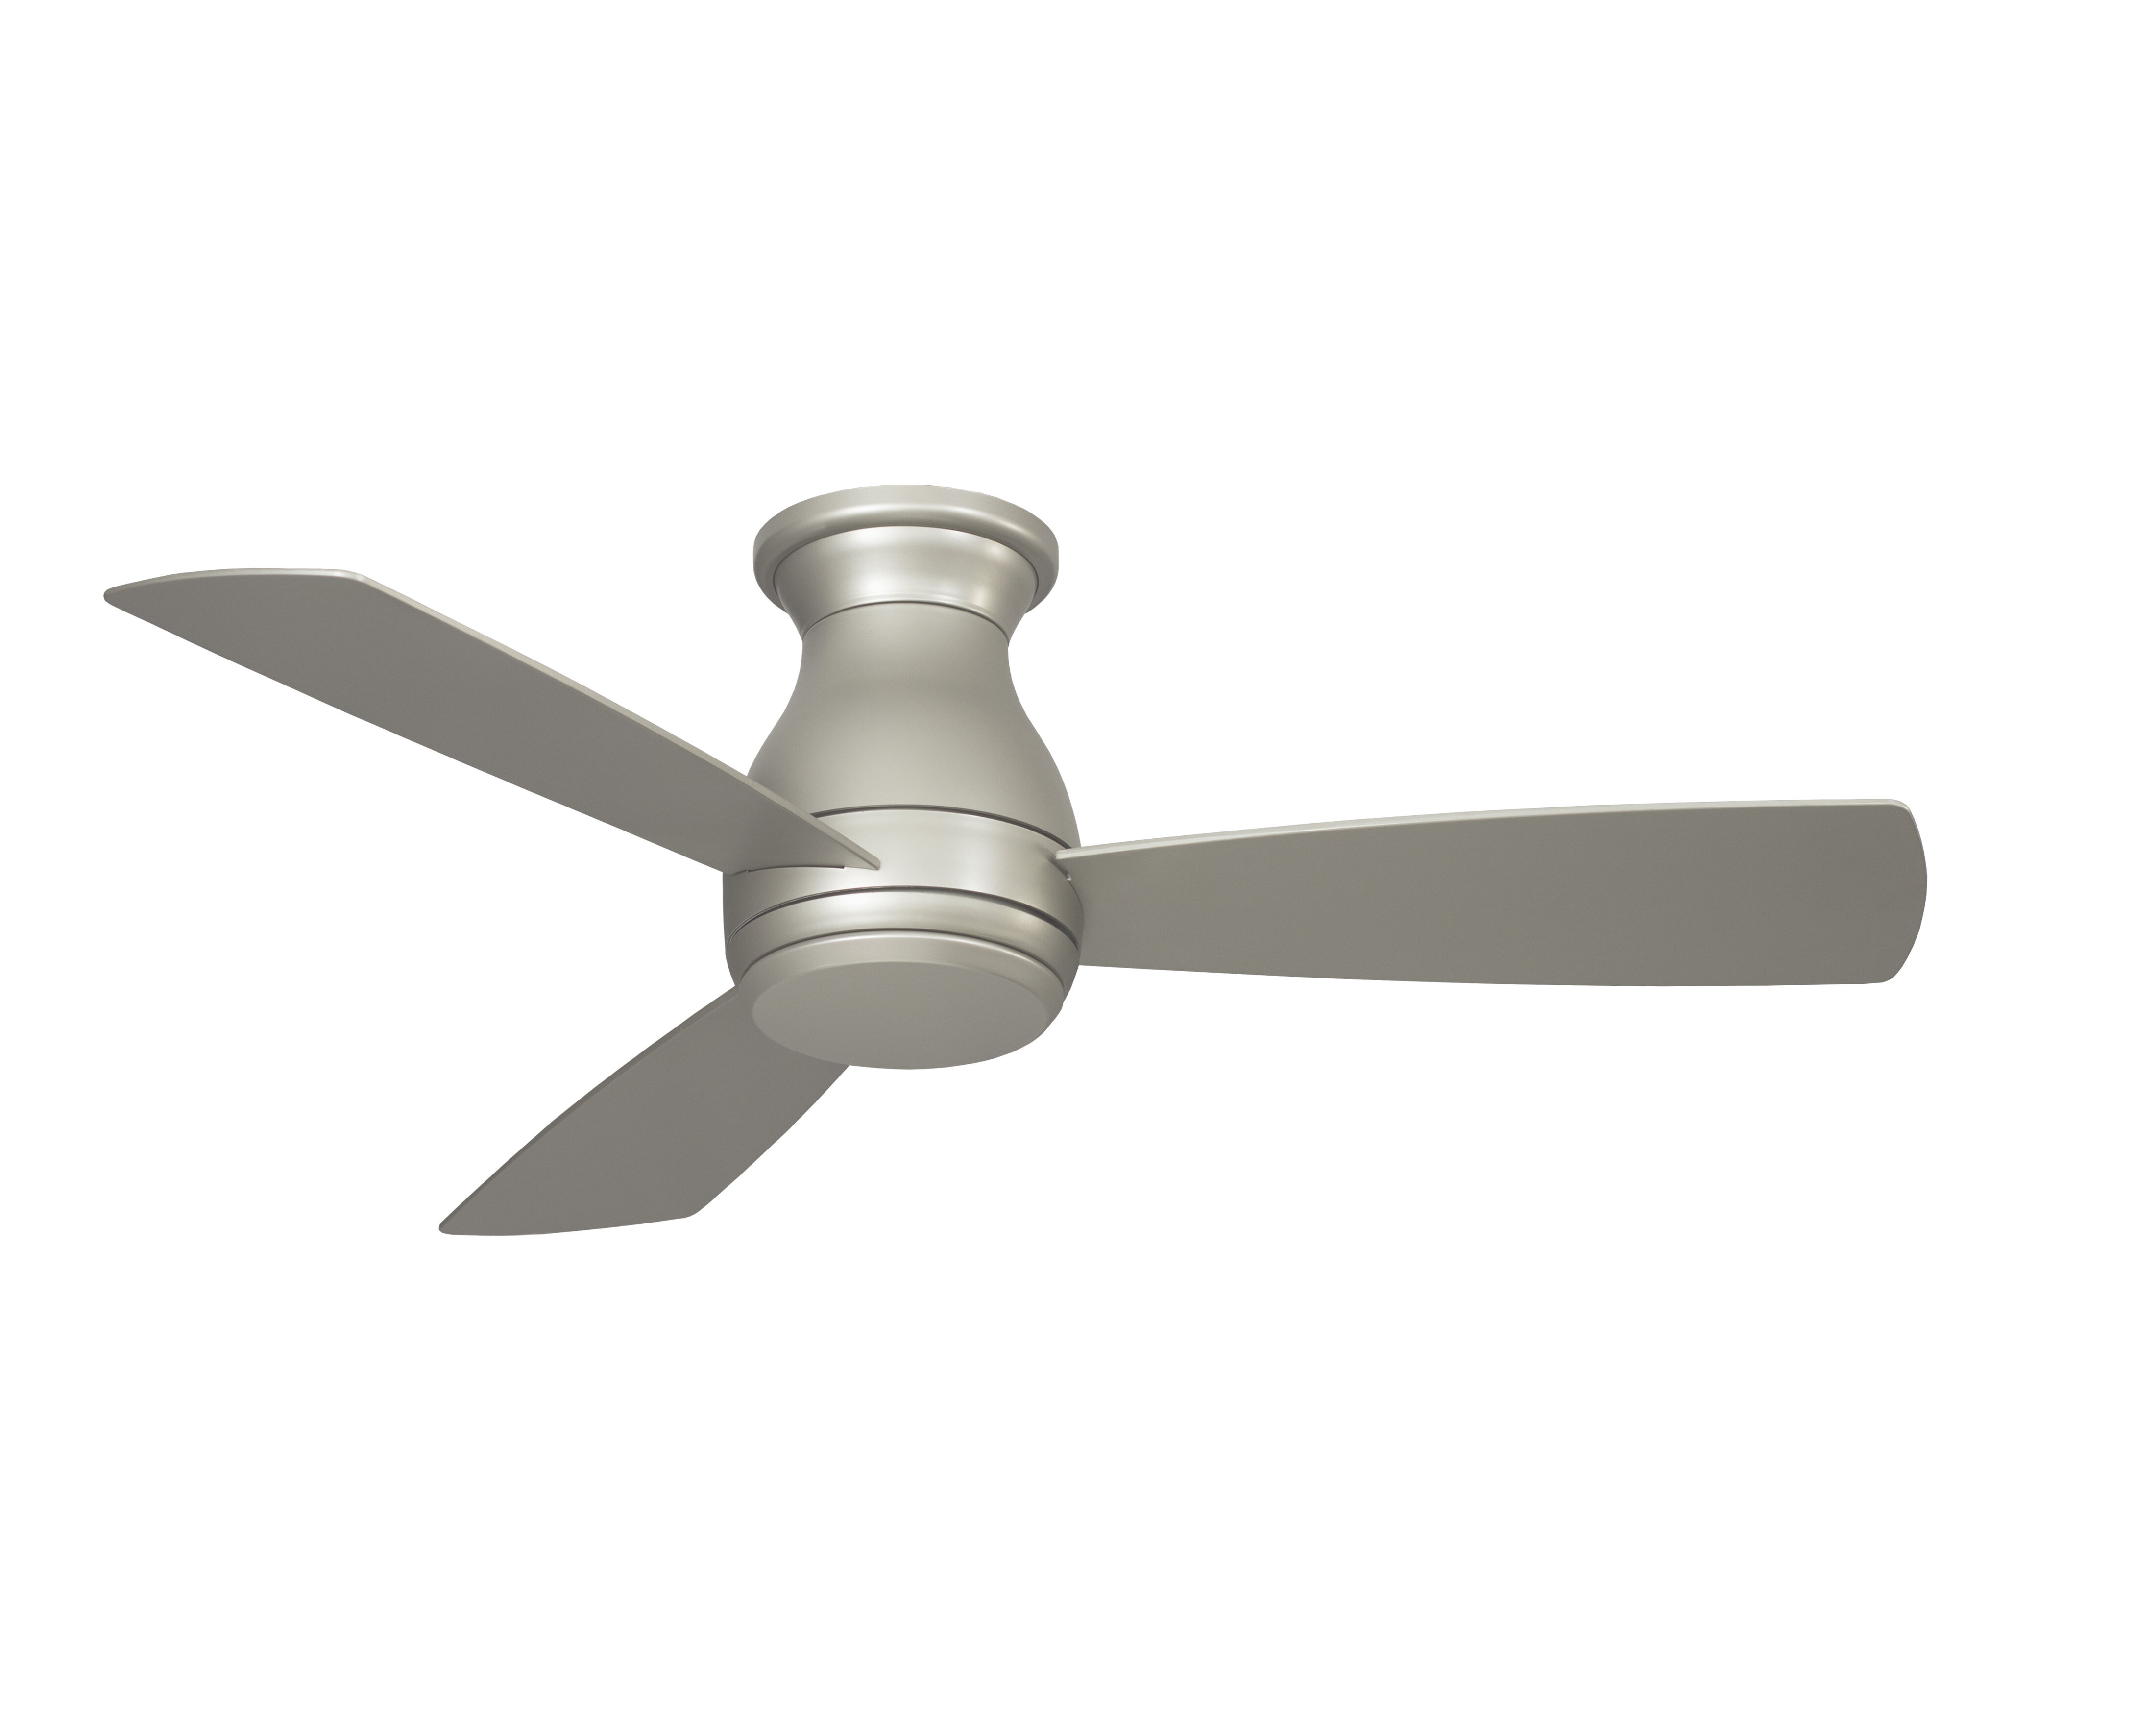 Hugh Hugger 3 Blade Led Ceiling Fan